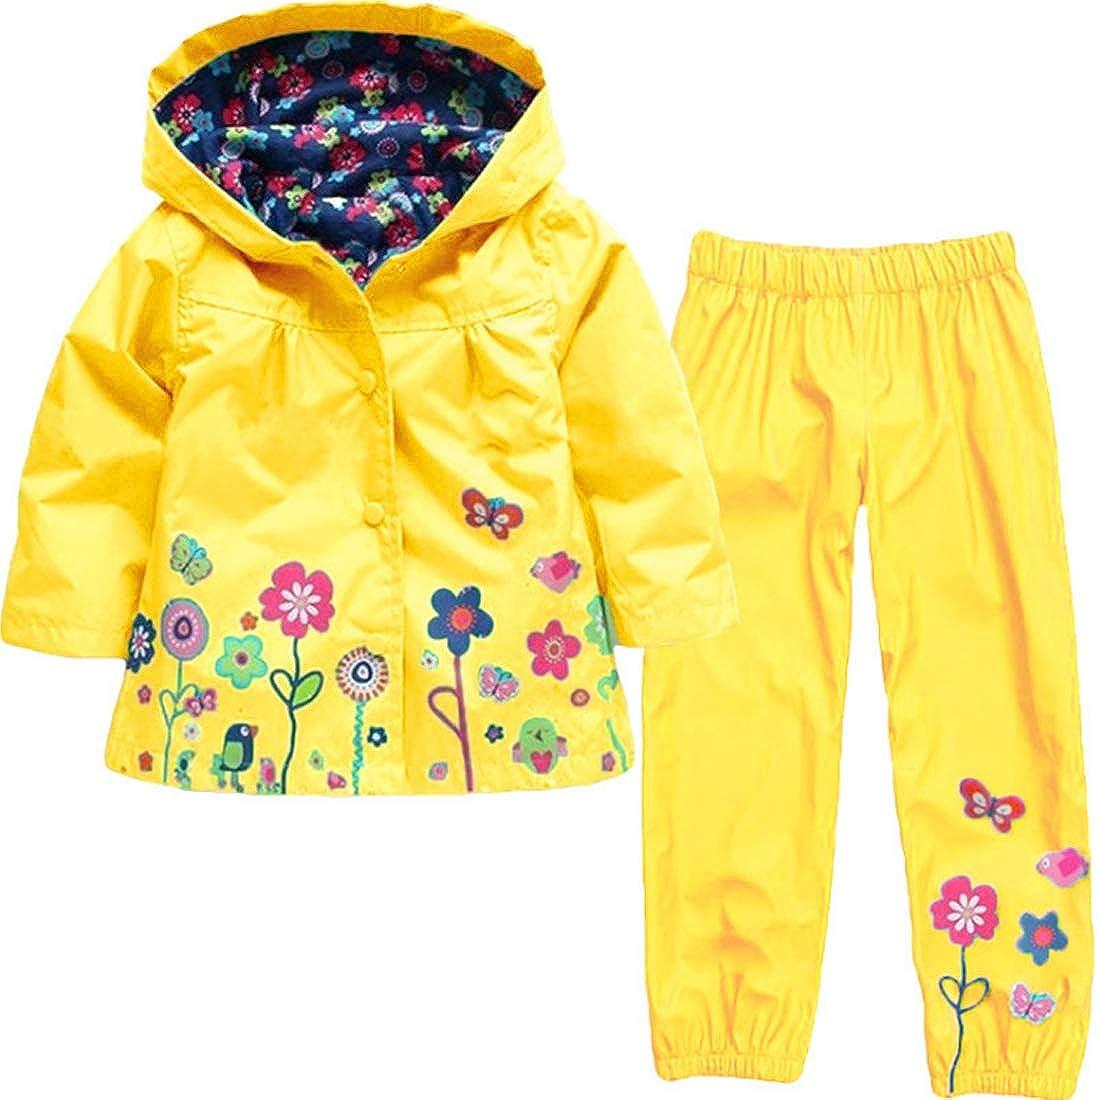 Huicai Girls Cute Flower Windproof Hooded Jacket Raincoat Waterproof Pants Suit